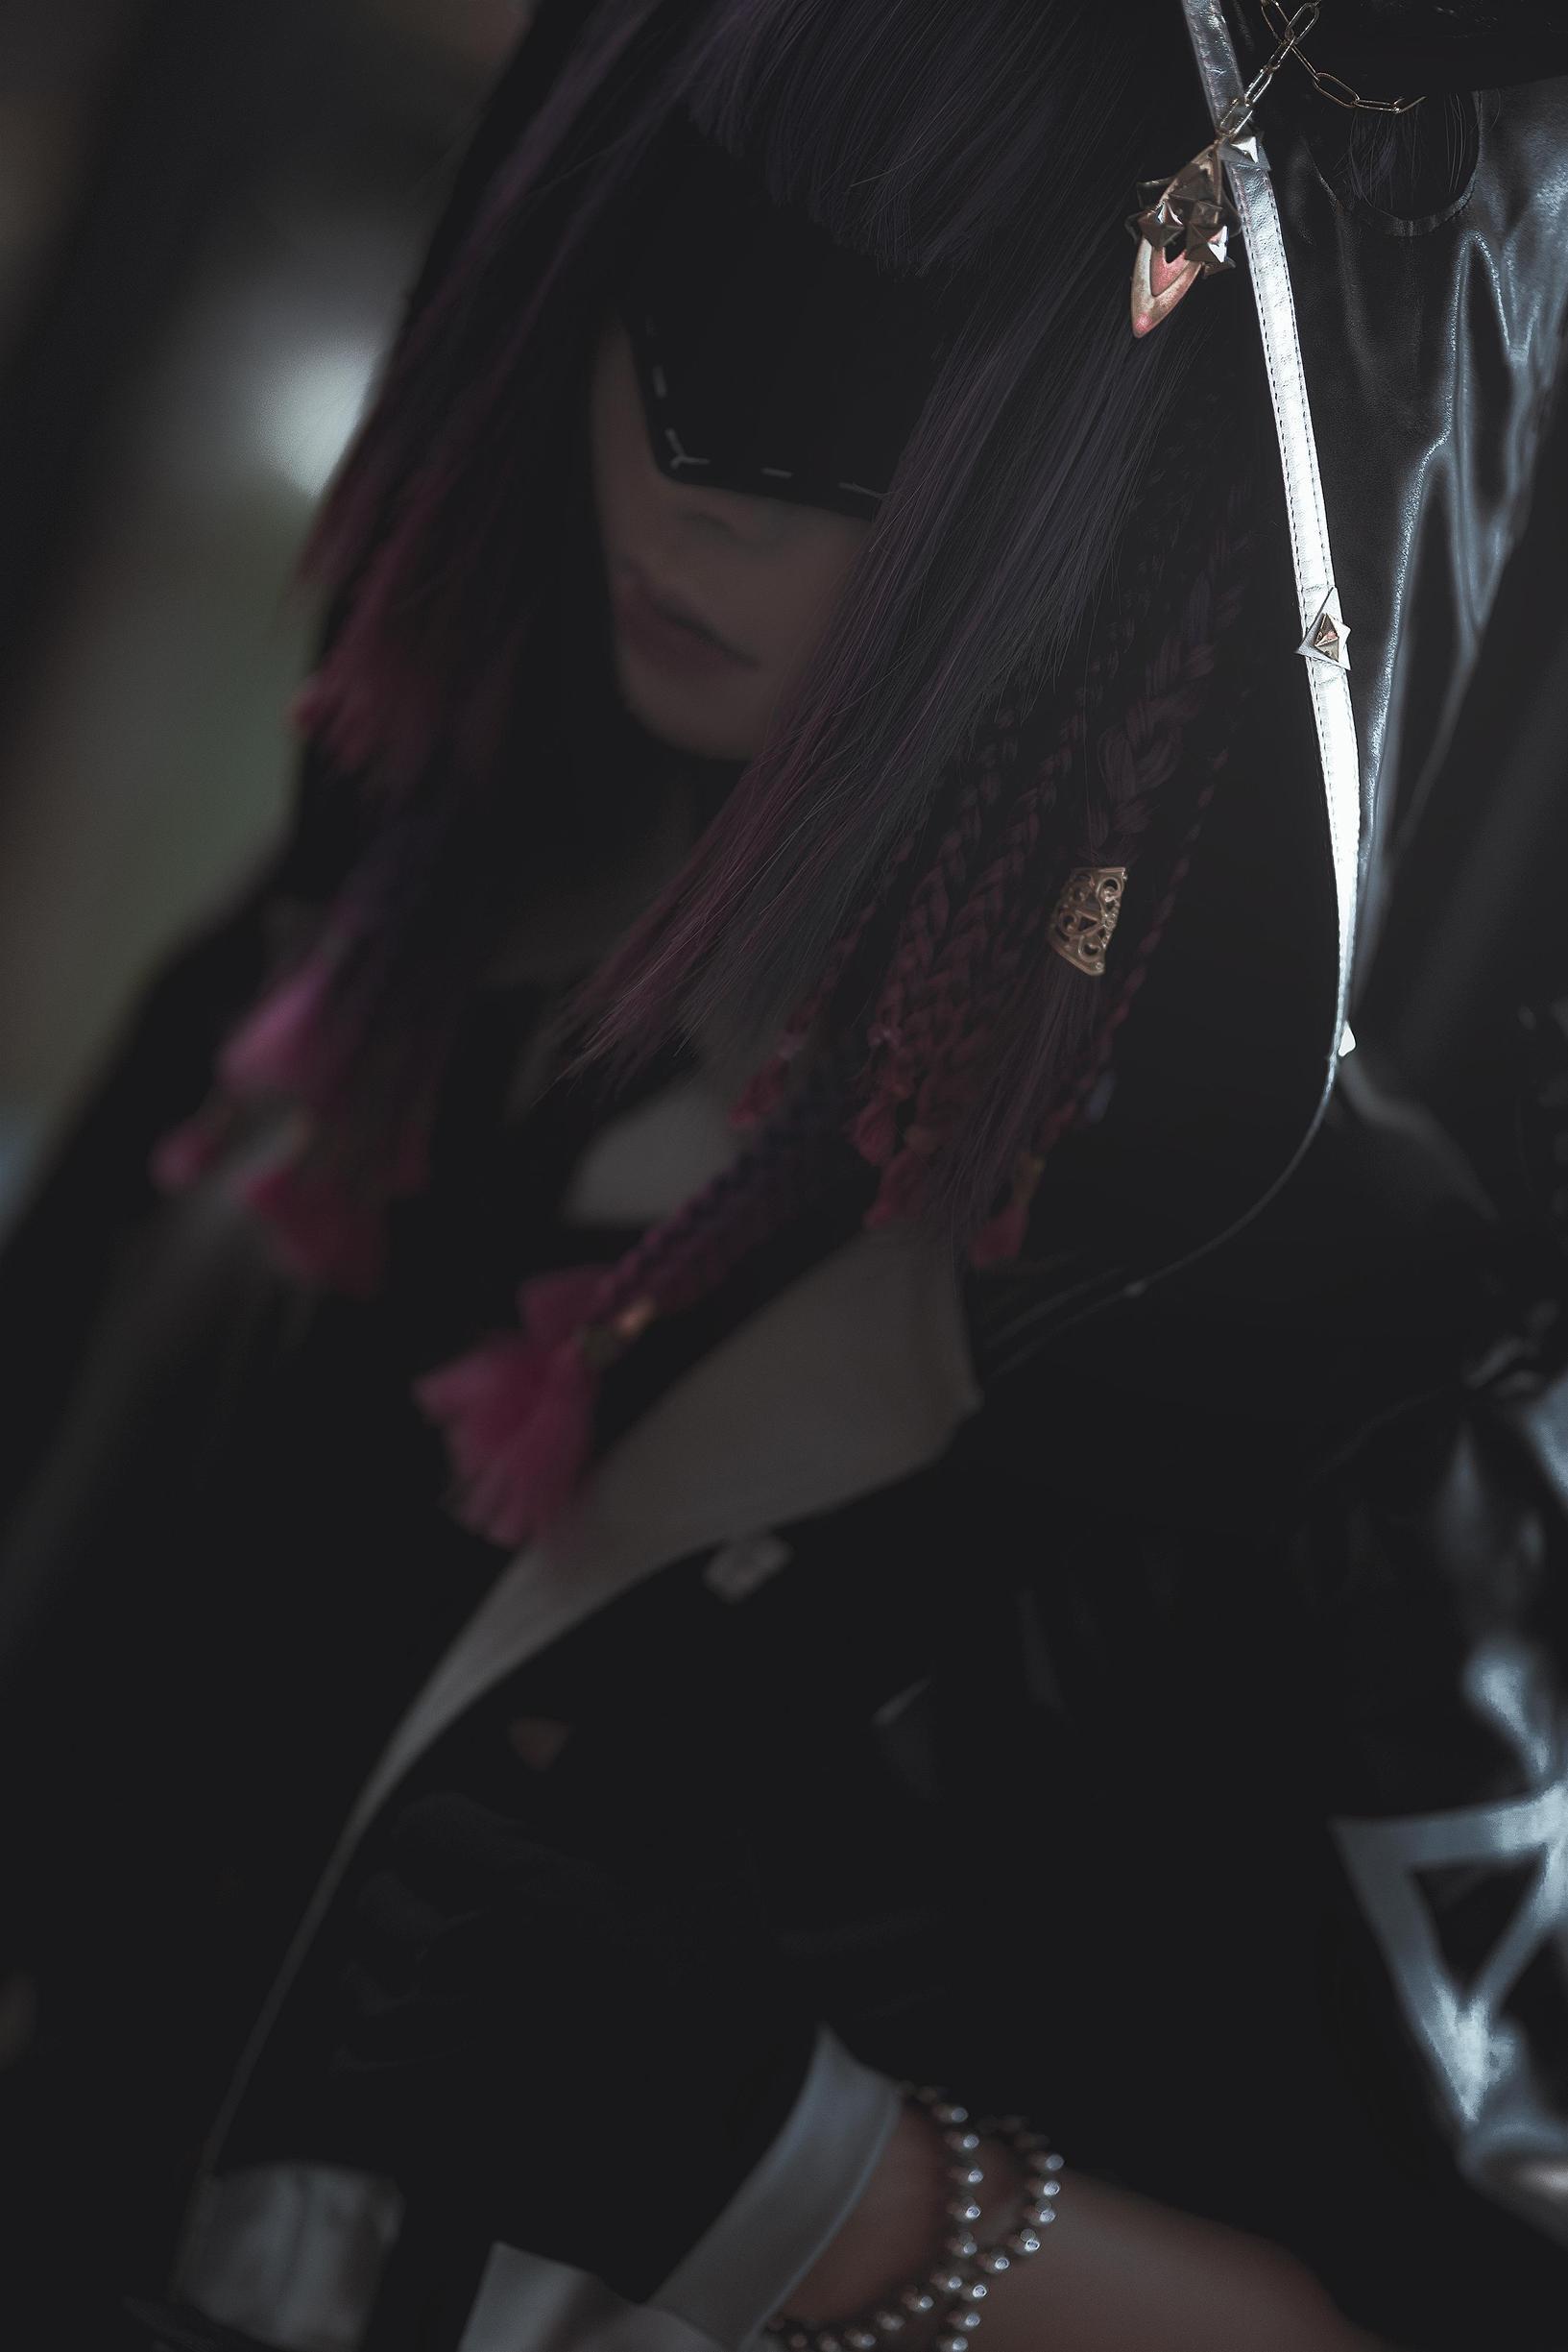 《明日方舟》游戏cosplay【CN:阿芷今天光合作用了吗】-第14张